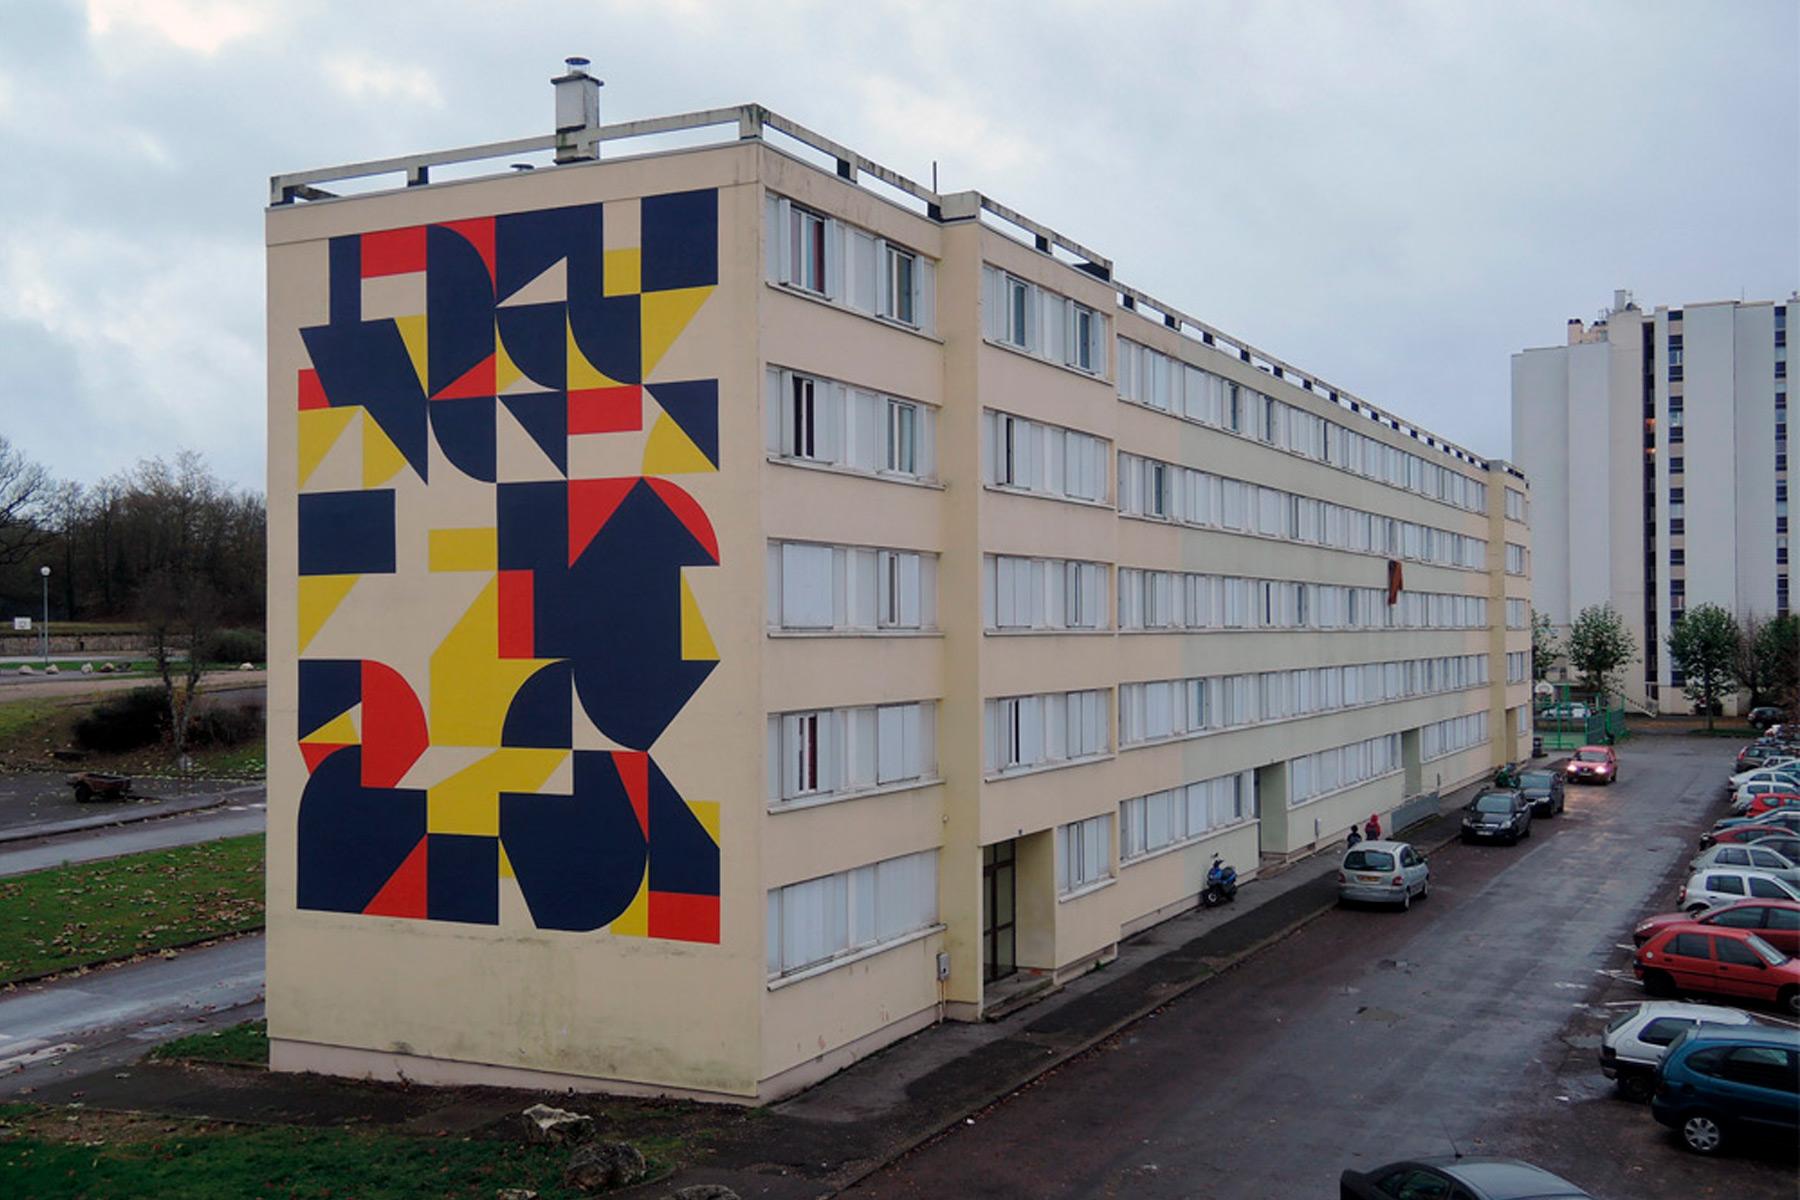 Maison_Tangible_Manufacture_Images_Objets_Graphiques_Besancon_Paris_Eltono_AteliersLoculus_Partie01_03.jpg